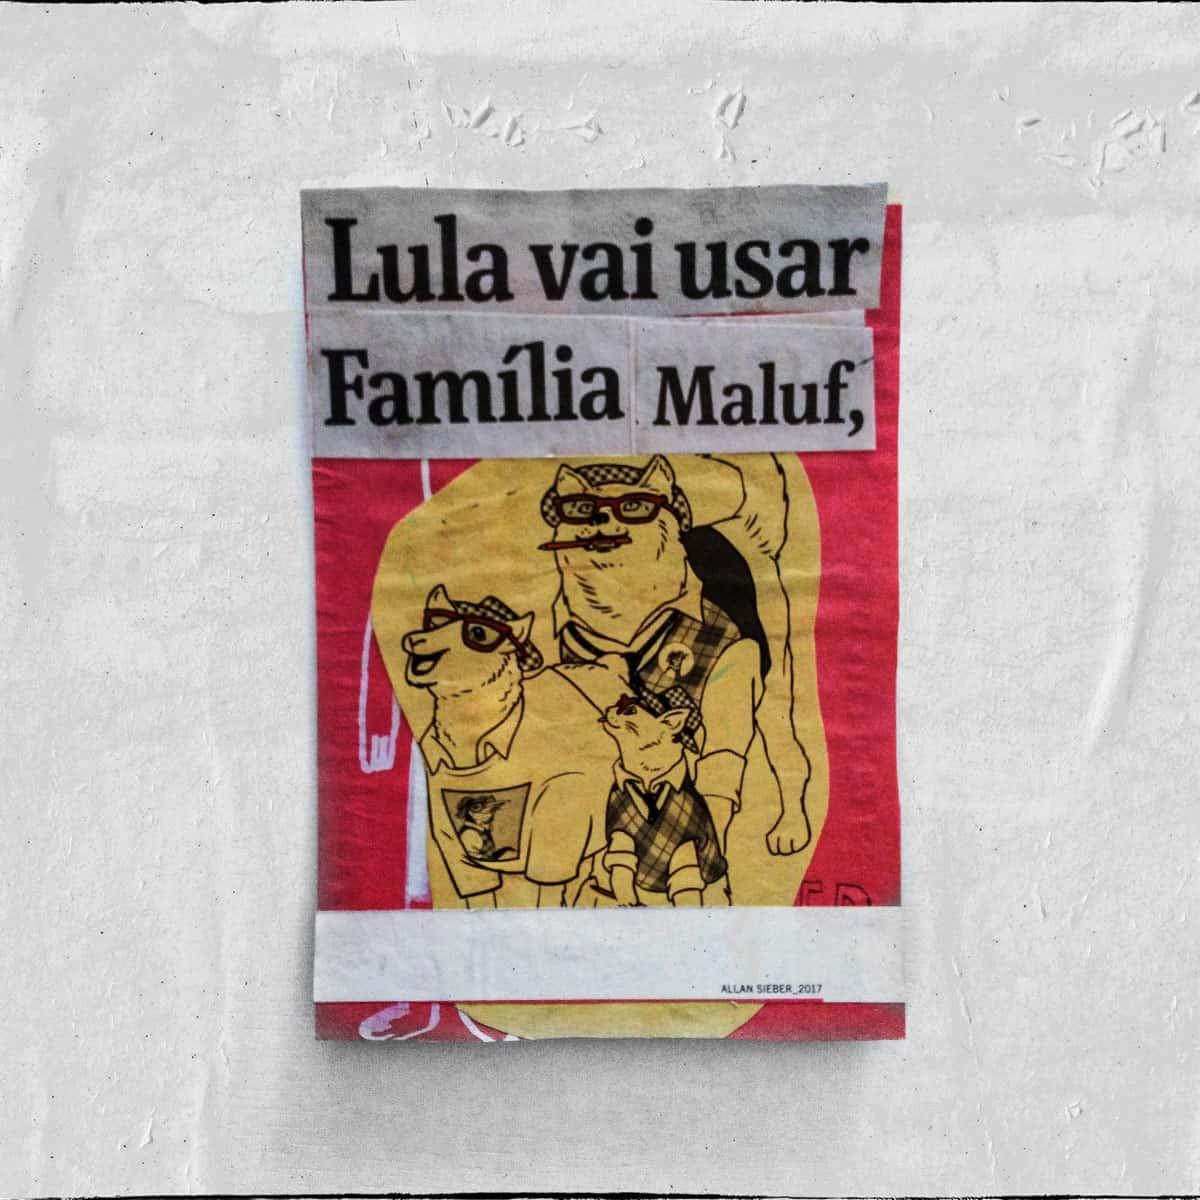 Cartões 18 de janeiro, Colagem — ColetivoPolvora Folha Piauí 18 de janeiro11